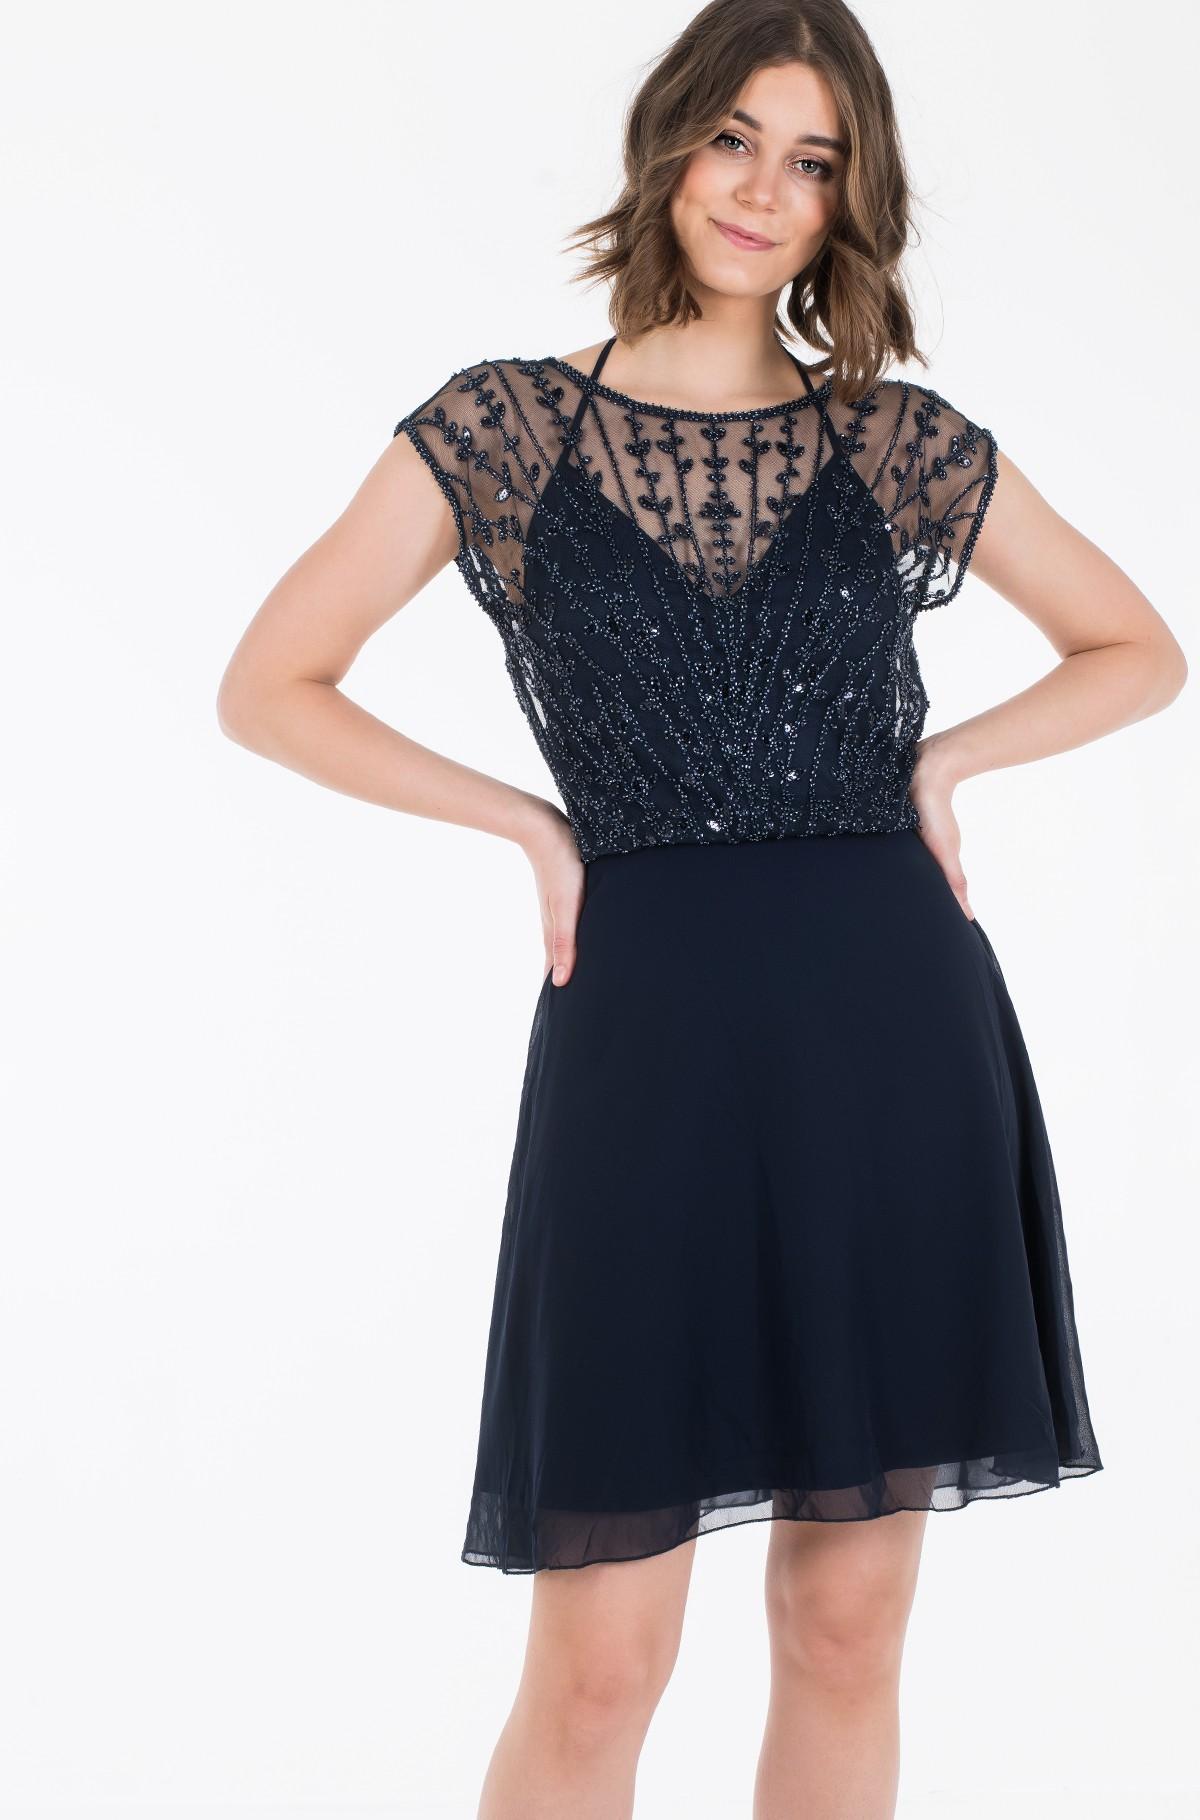 Suknelė su žvyneliais W760P20-full-1